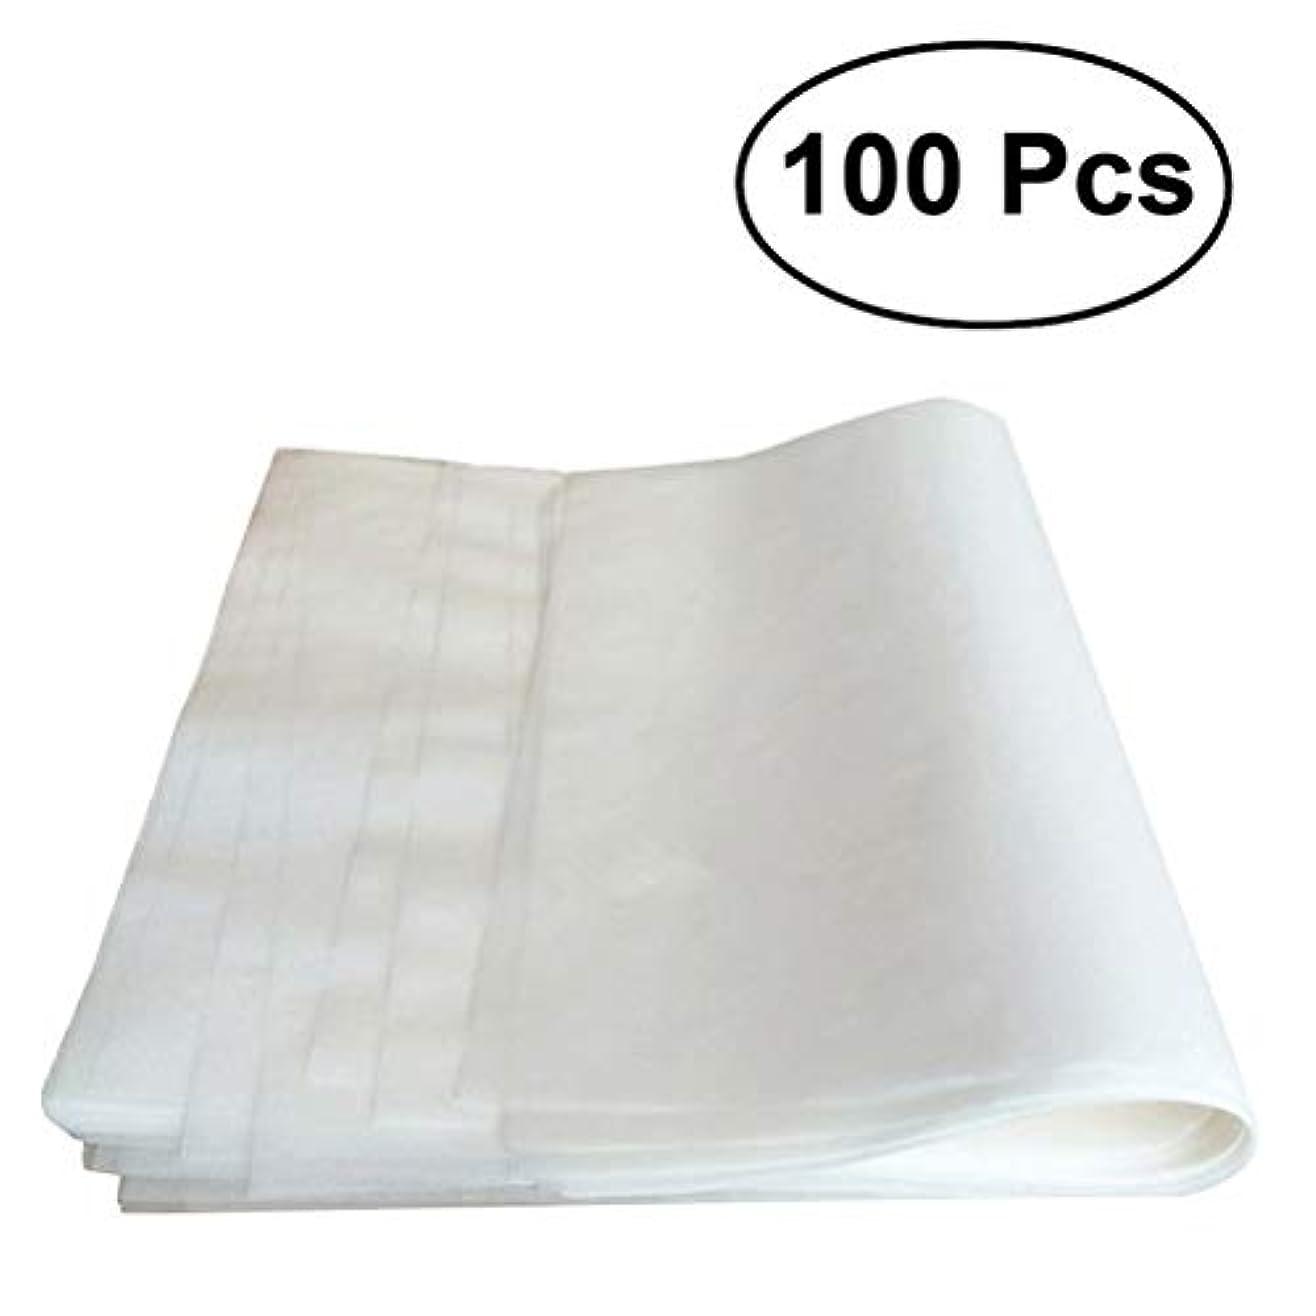 OUNONA クッキングシート オーブンシート バーベキュー グリルシート 耐熱 耐油 調理ペーパー 長方形 20x30CM 100枚